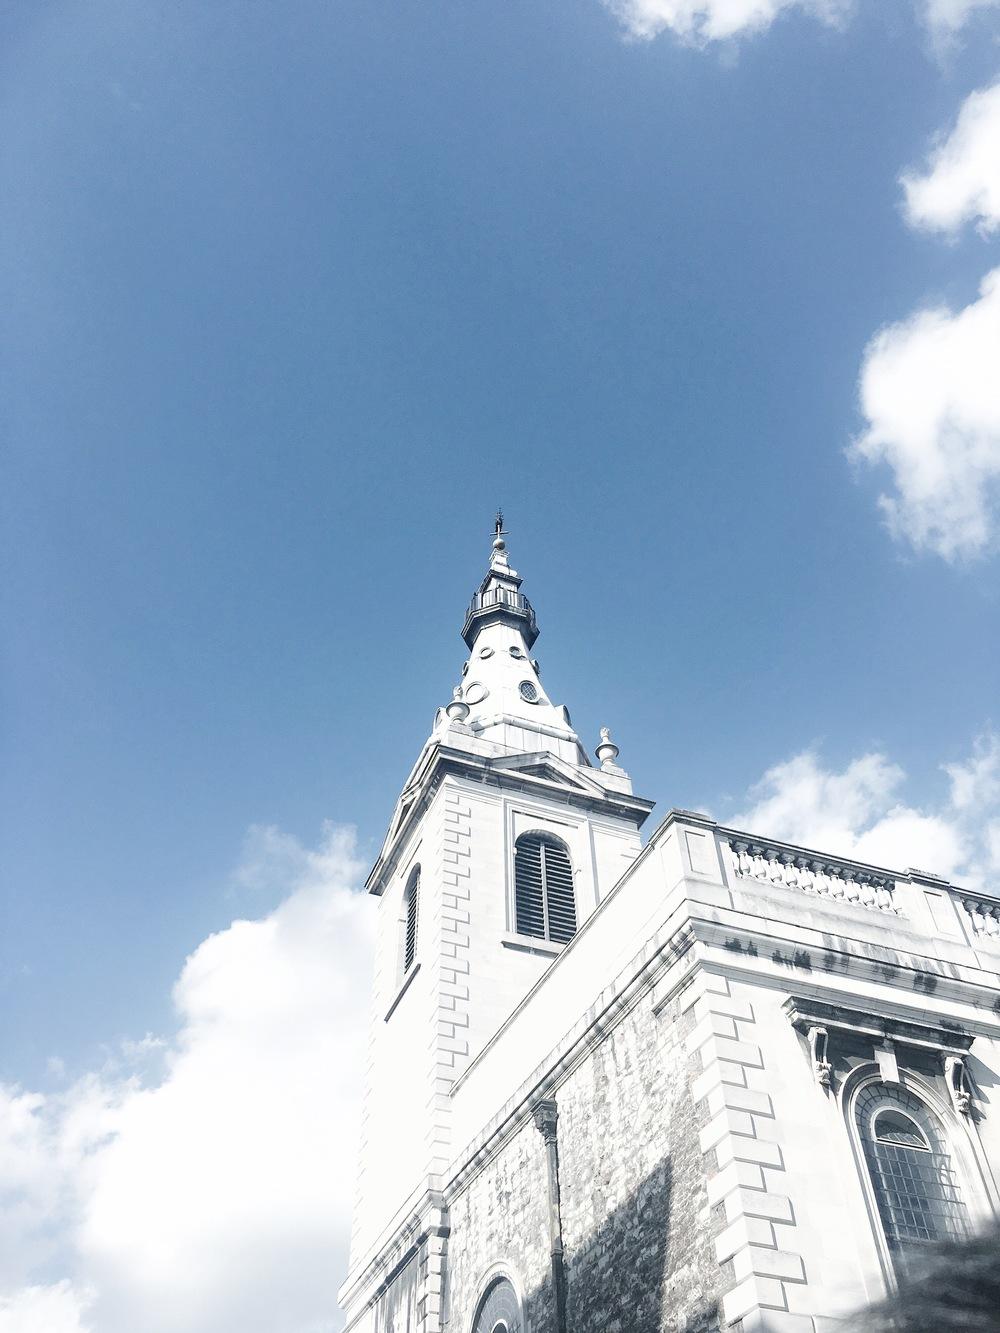 St. Nicholas Cole Abbey, London